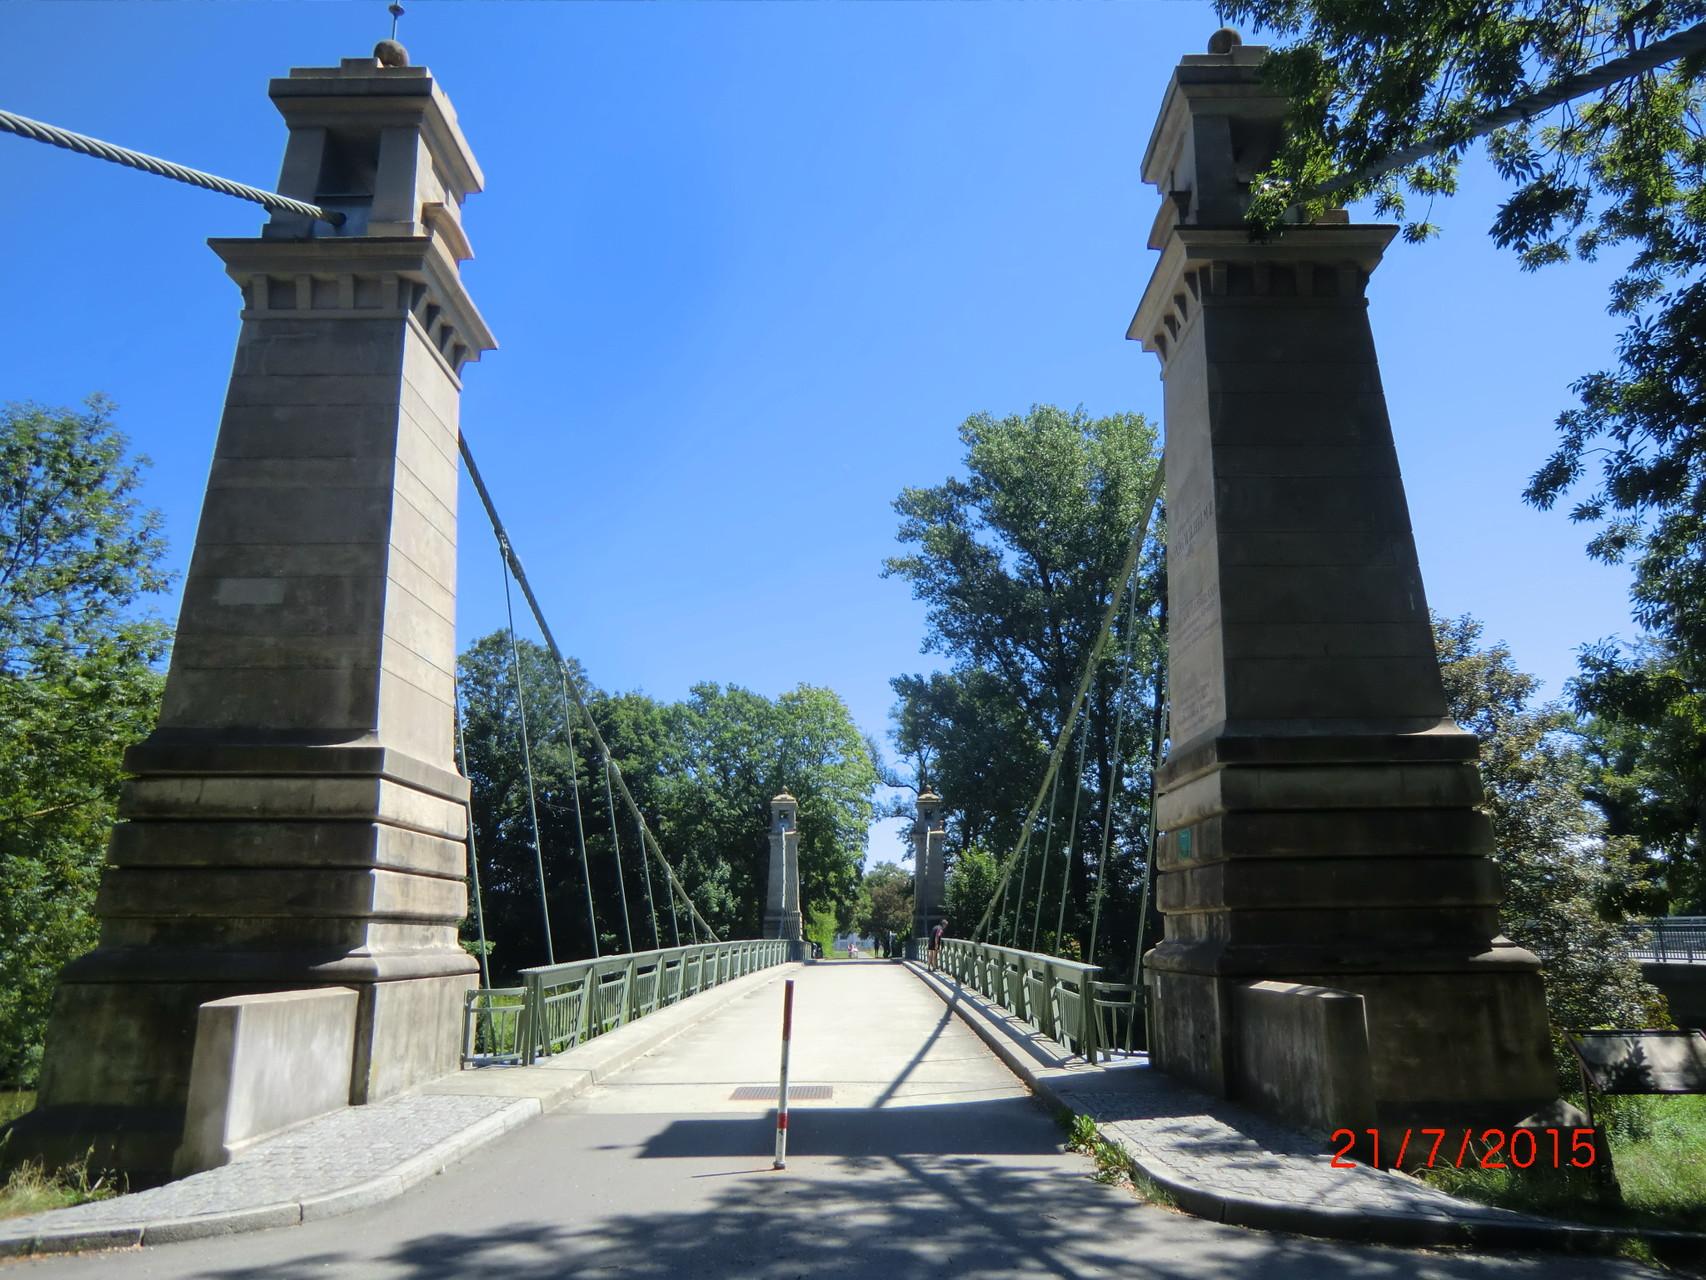 Drittälteste Hängebrücke Deutschlands